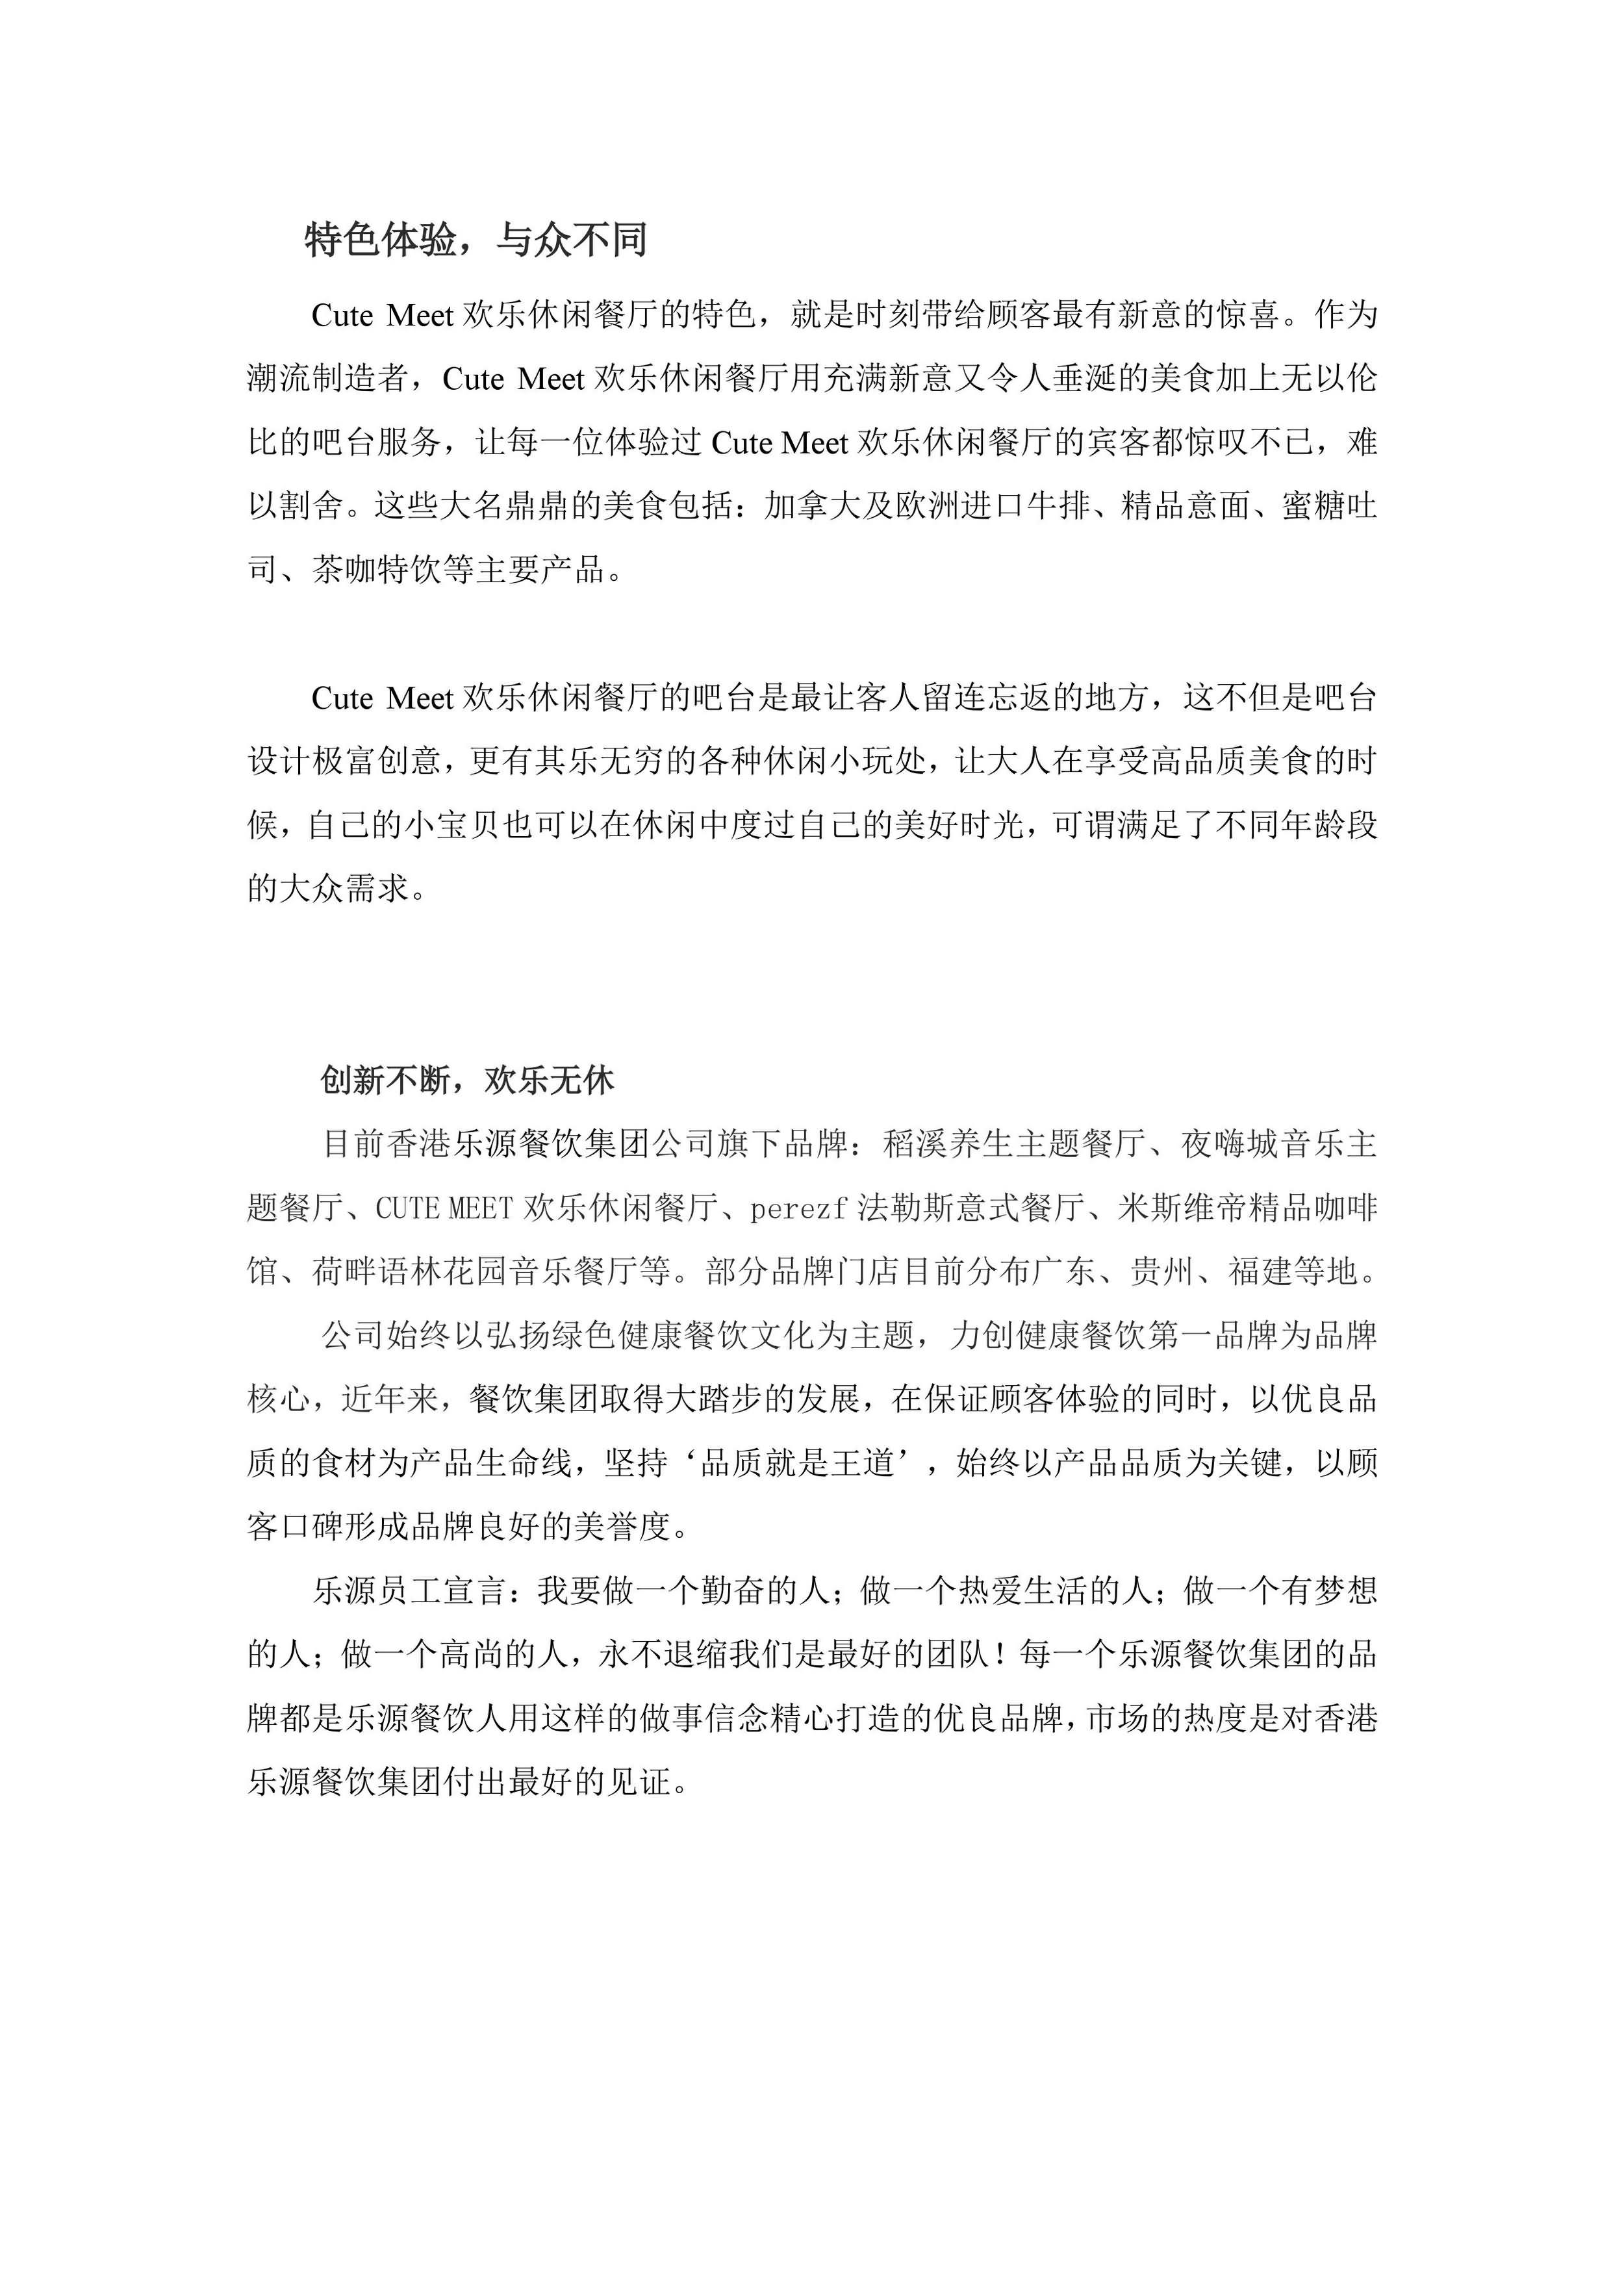 香港乐源餐饮集团有限公司16